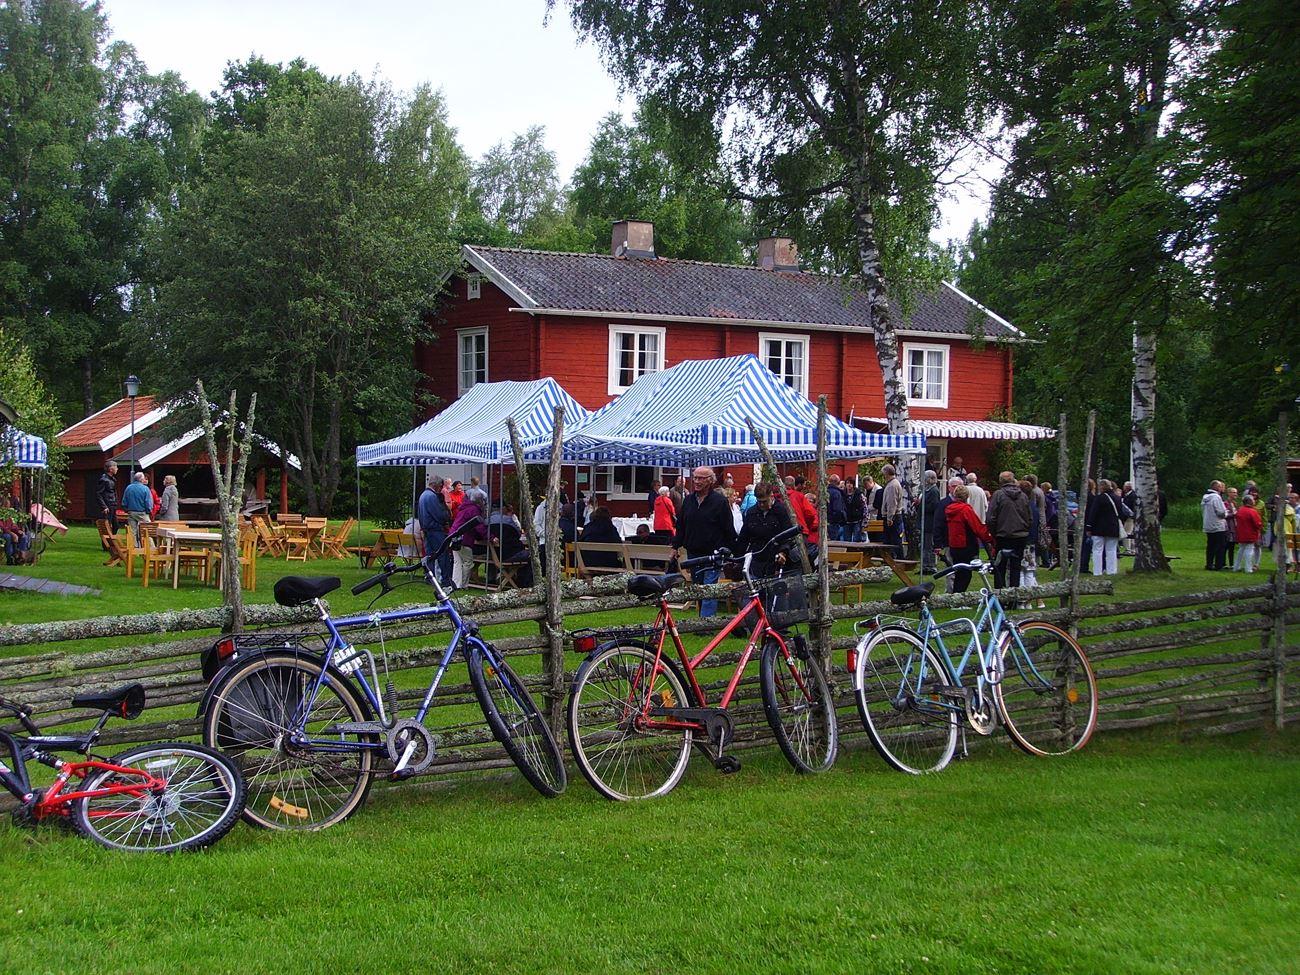 © Skede Hembygdsgård, Skede Hembygdsgård - Waffelservierung